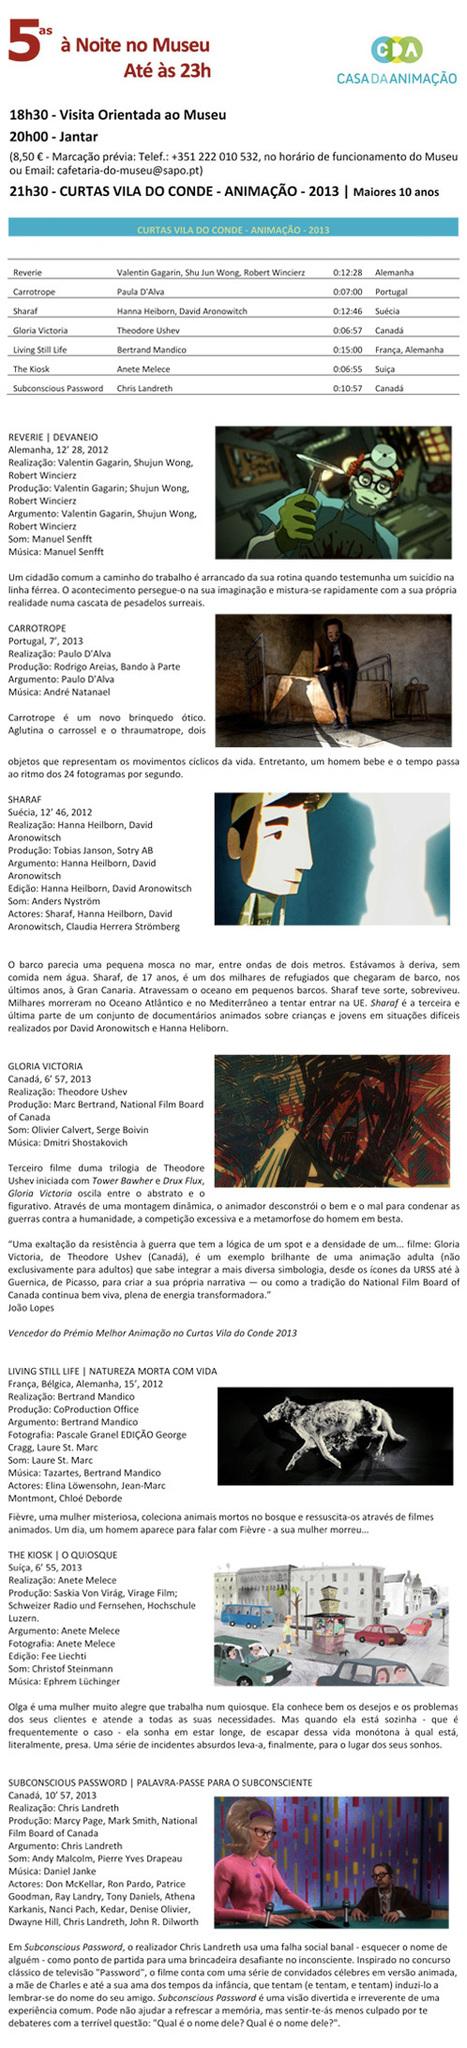 5as à Noite no Museu Nacional Soares dos Reis - CURTAS - VILA DO CONDE - 2013 | Bolso Digital | Scoop.it